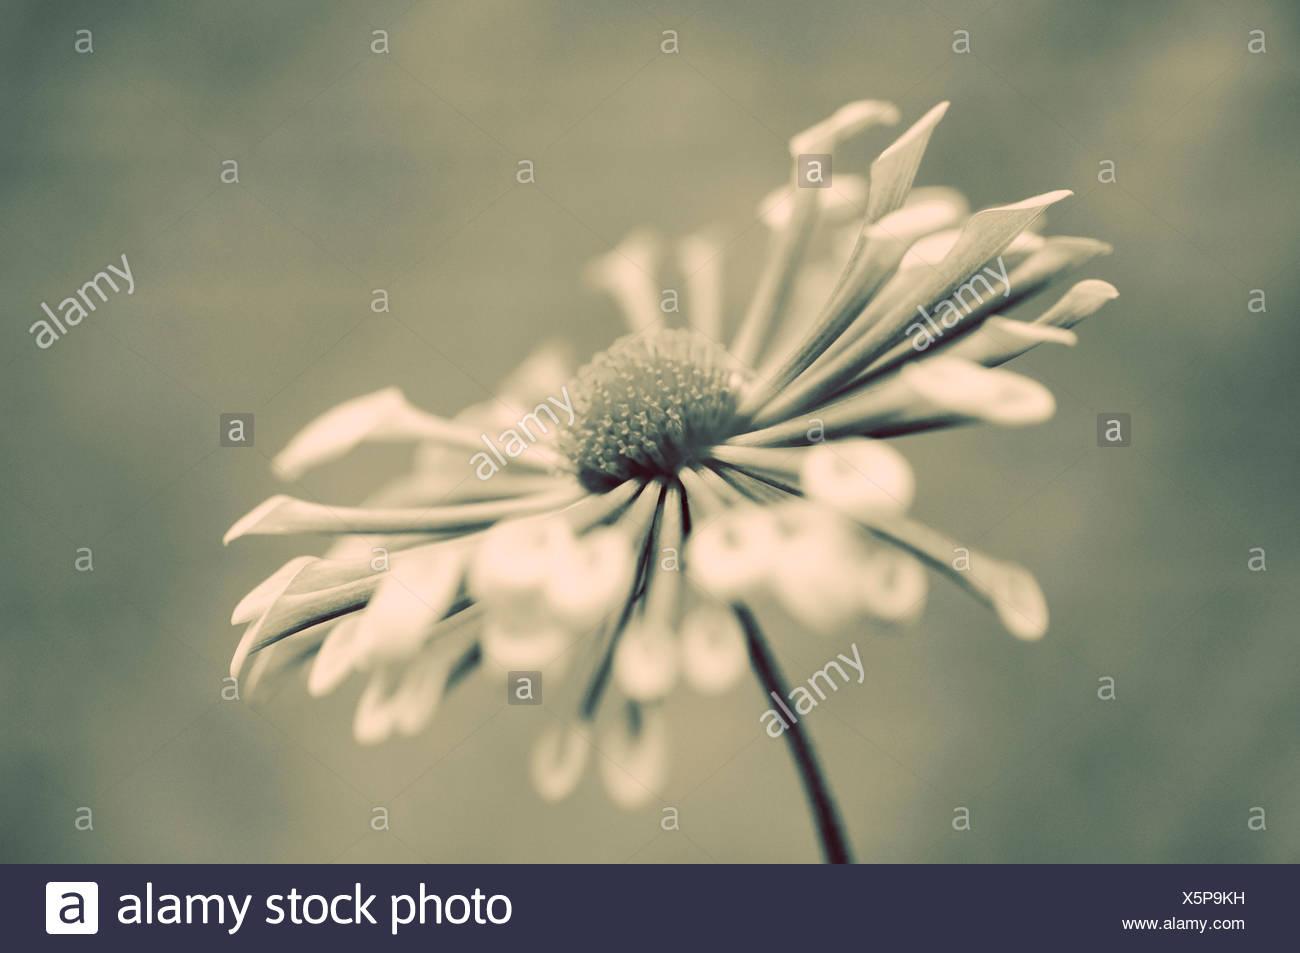 Crisantemo 'Matchsticks', unico fiore in bianco e nero. Immagini Stock